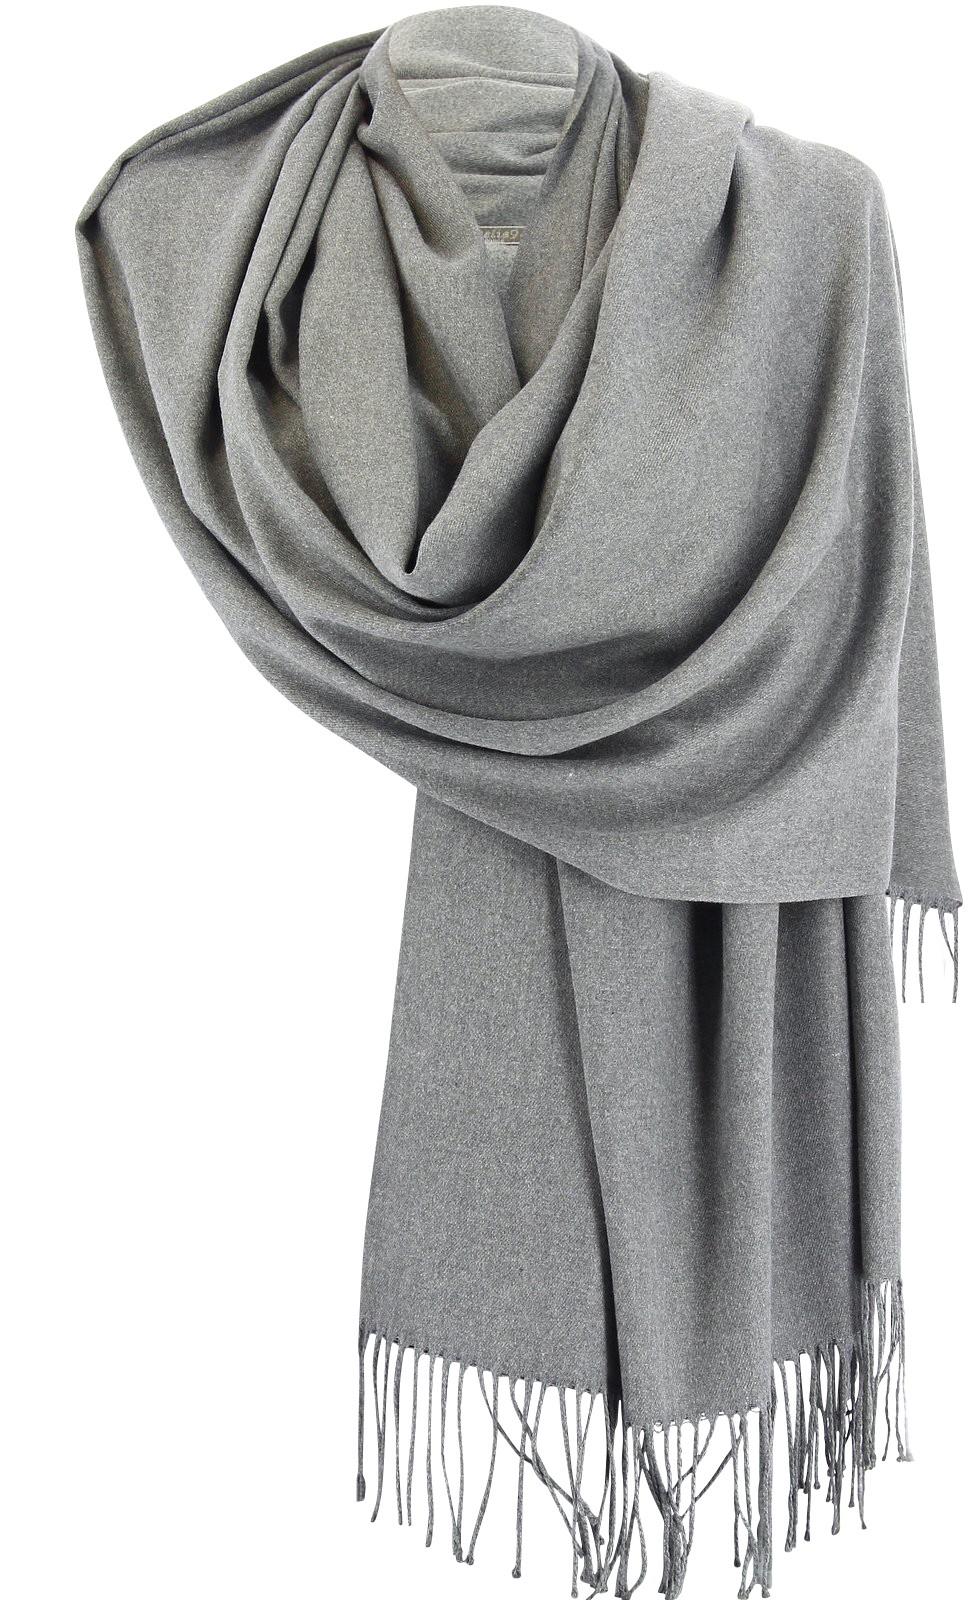 5b8701db0dc Echarpe chale laine echarpe carreaux femme